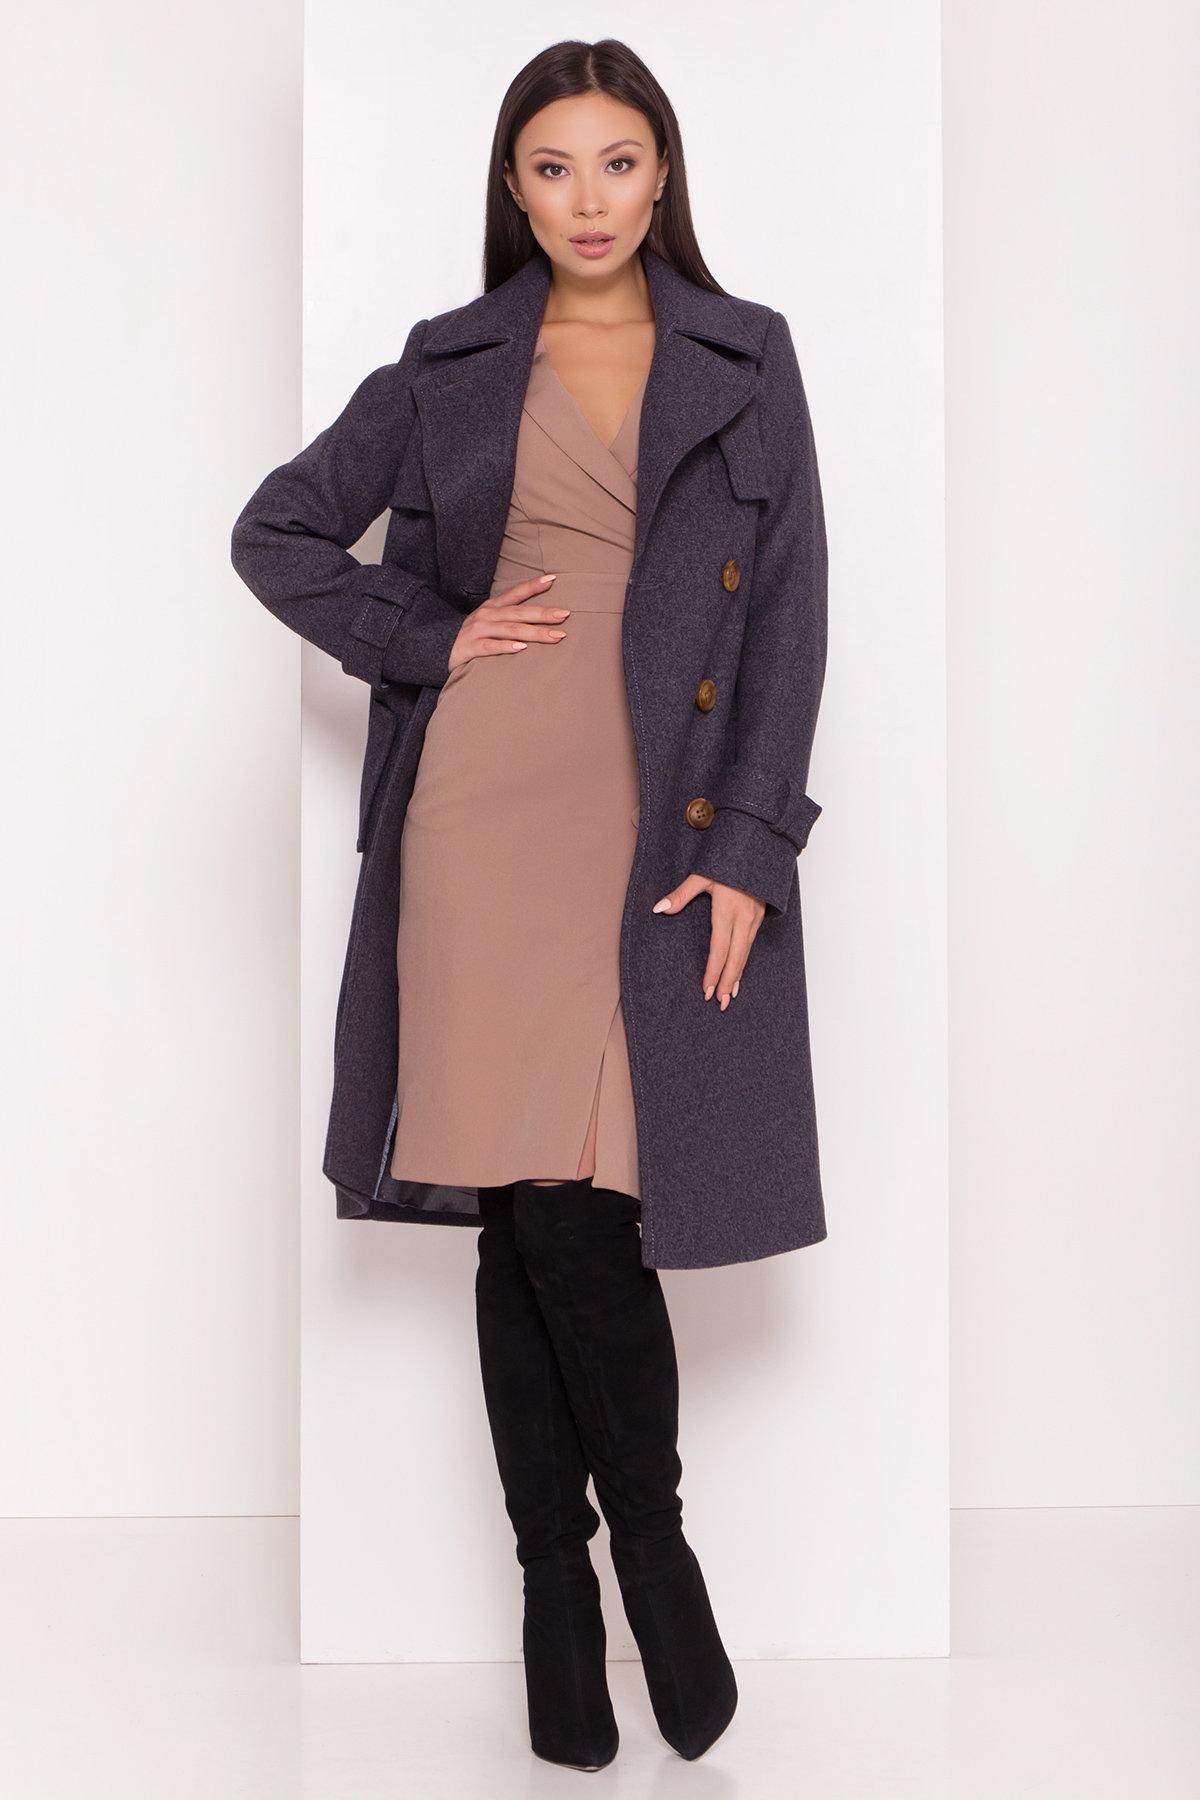 Двубортное пальто демисезон Монте 8089 АРТ. 44032 Цвет: т. синий 543 - фото 1, интернет магазин tm-modus.ru